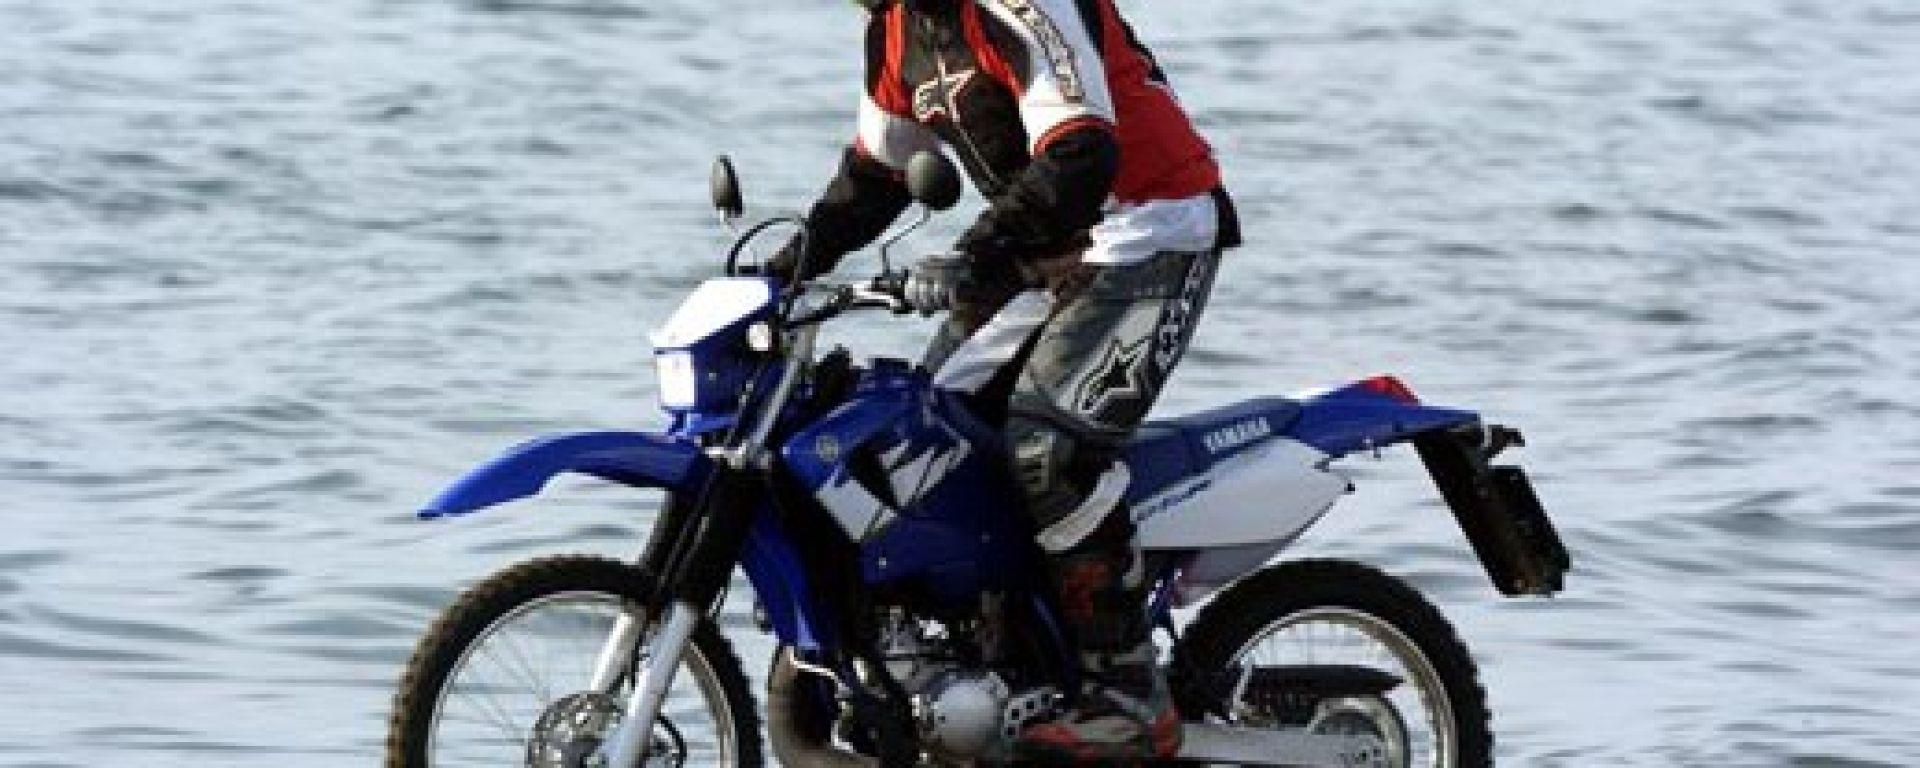 Yamaha DT 125 RE-X